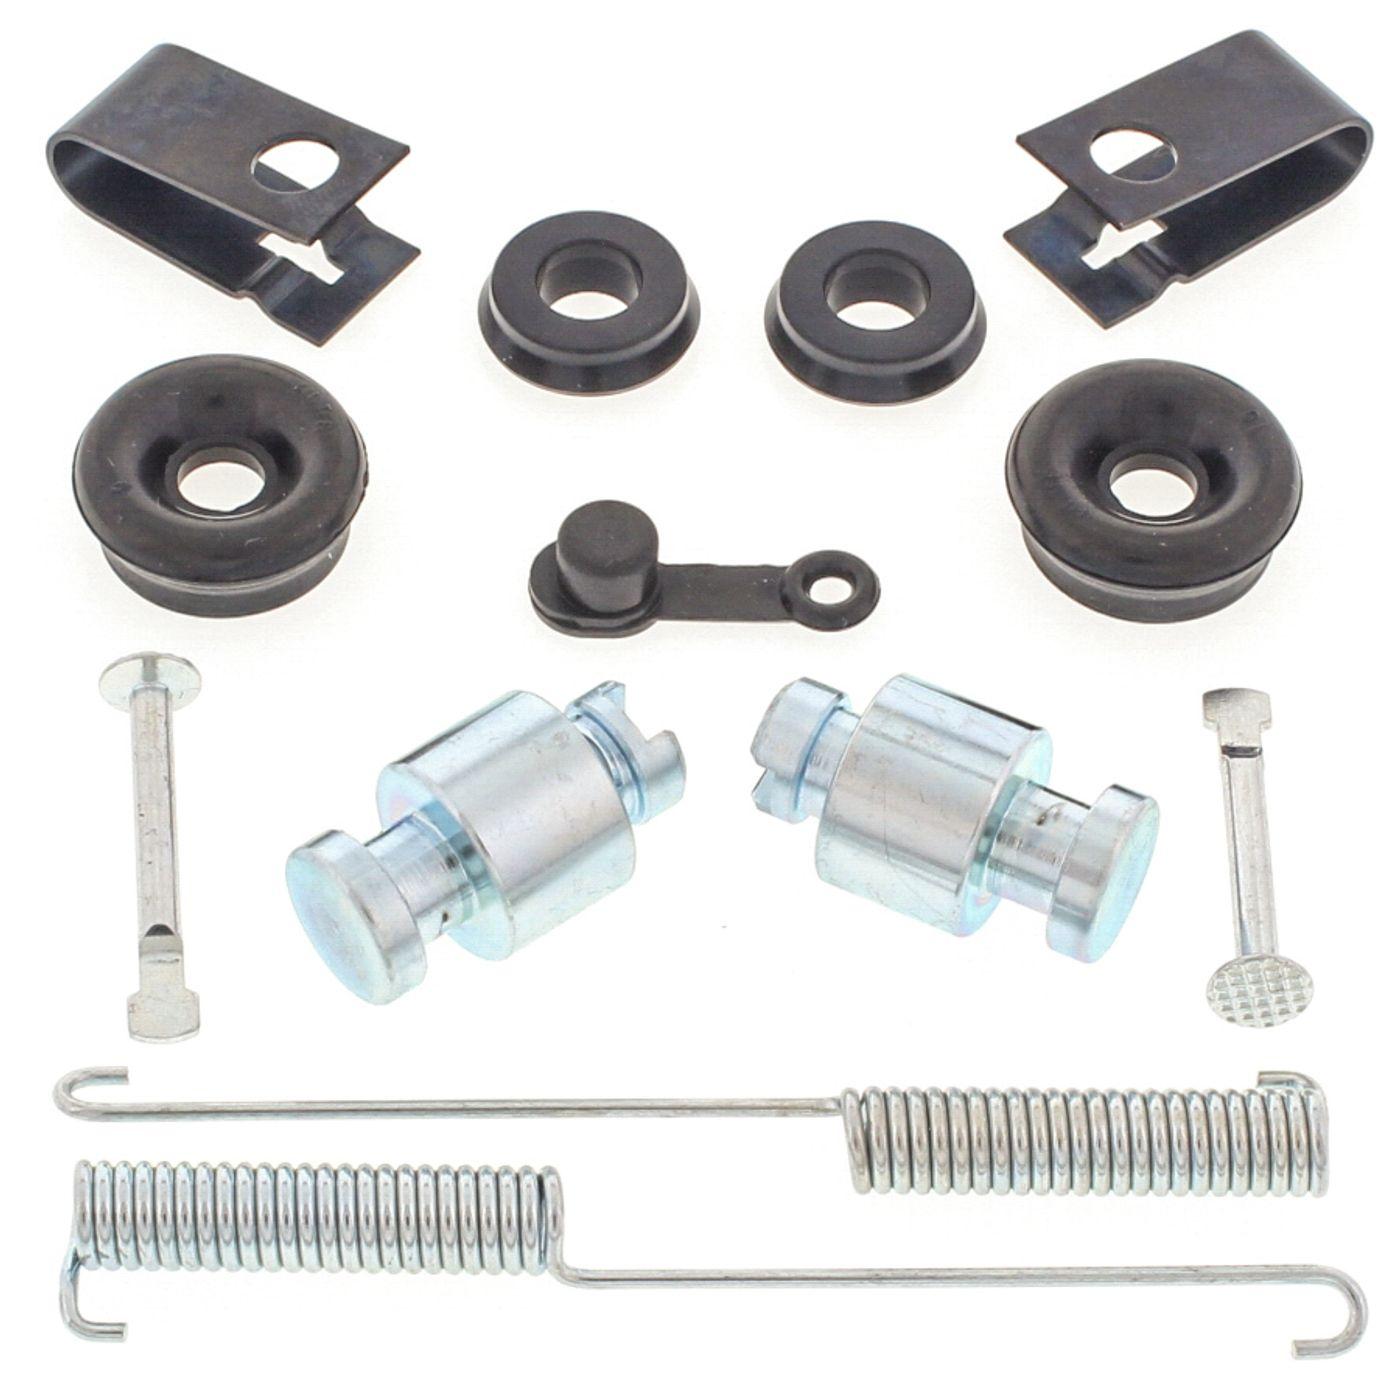 Wrp Wheel Cylinder Rebuild Kit - WRP185004 image